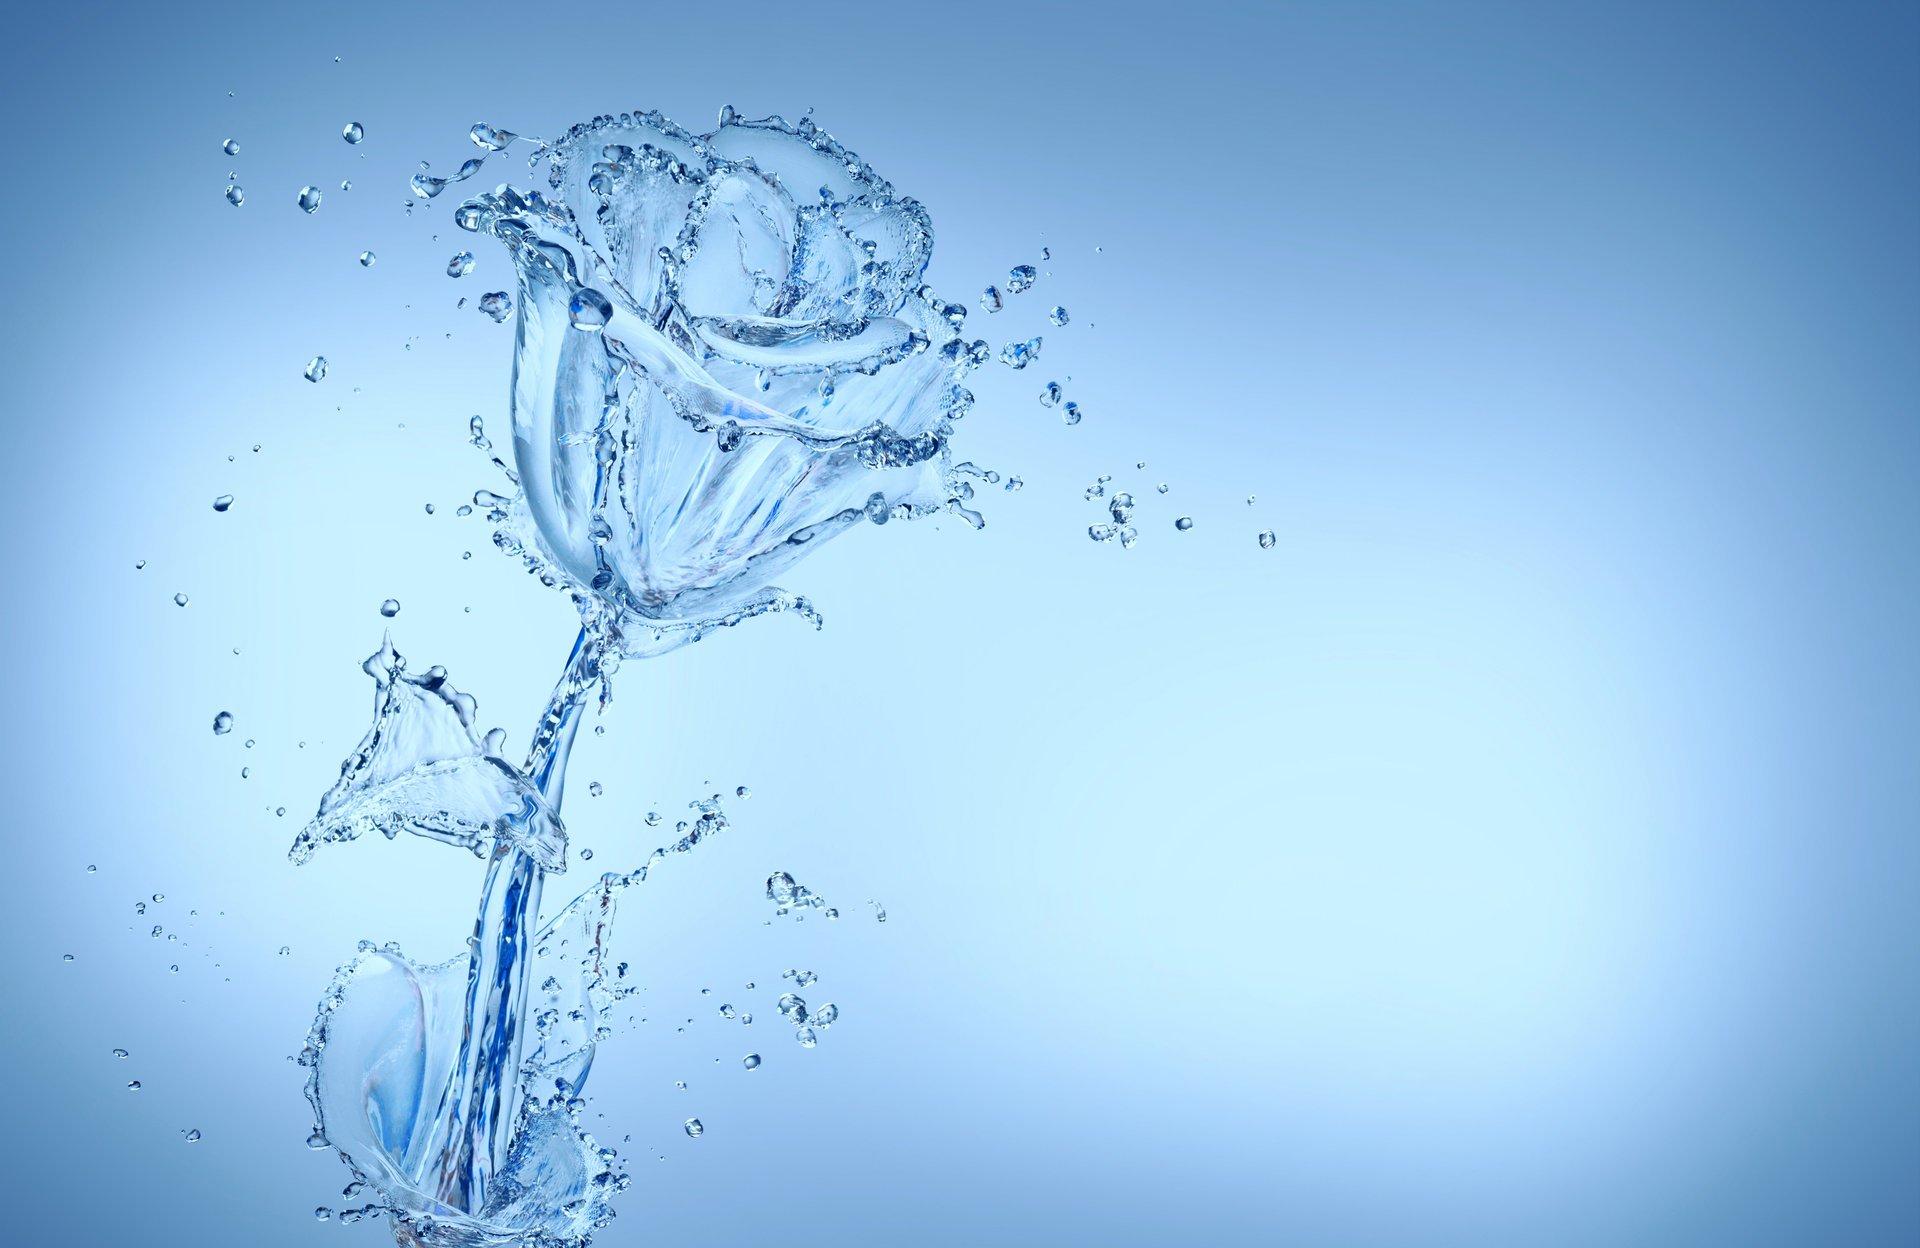 Обои на телефон красивые вода